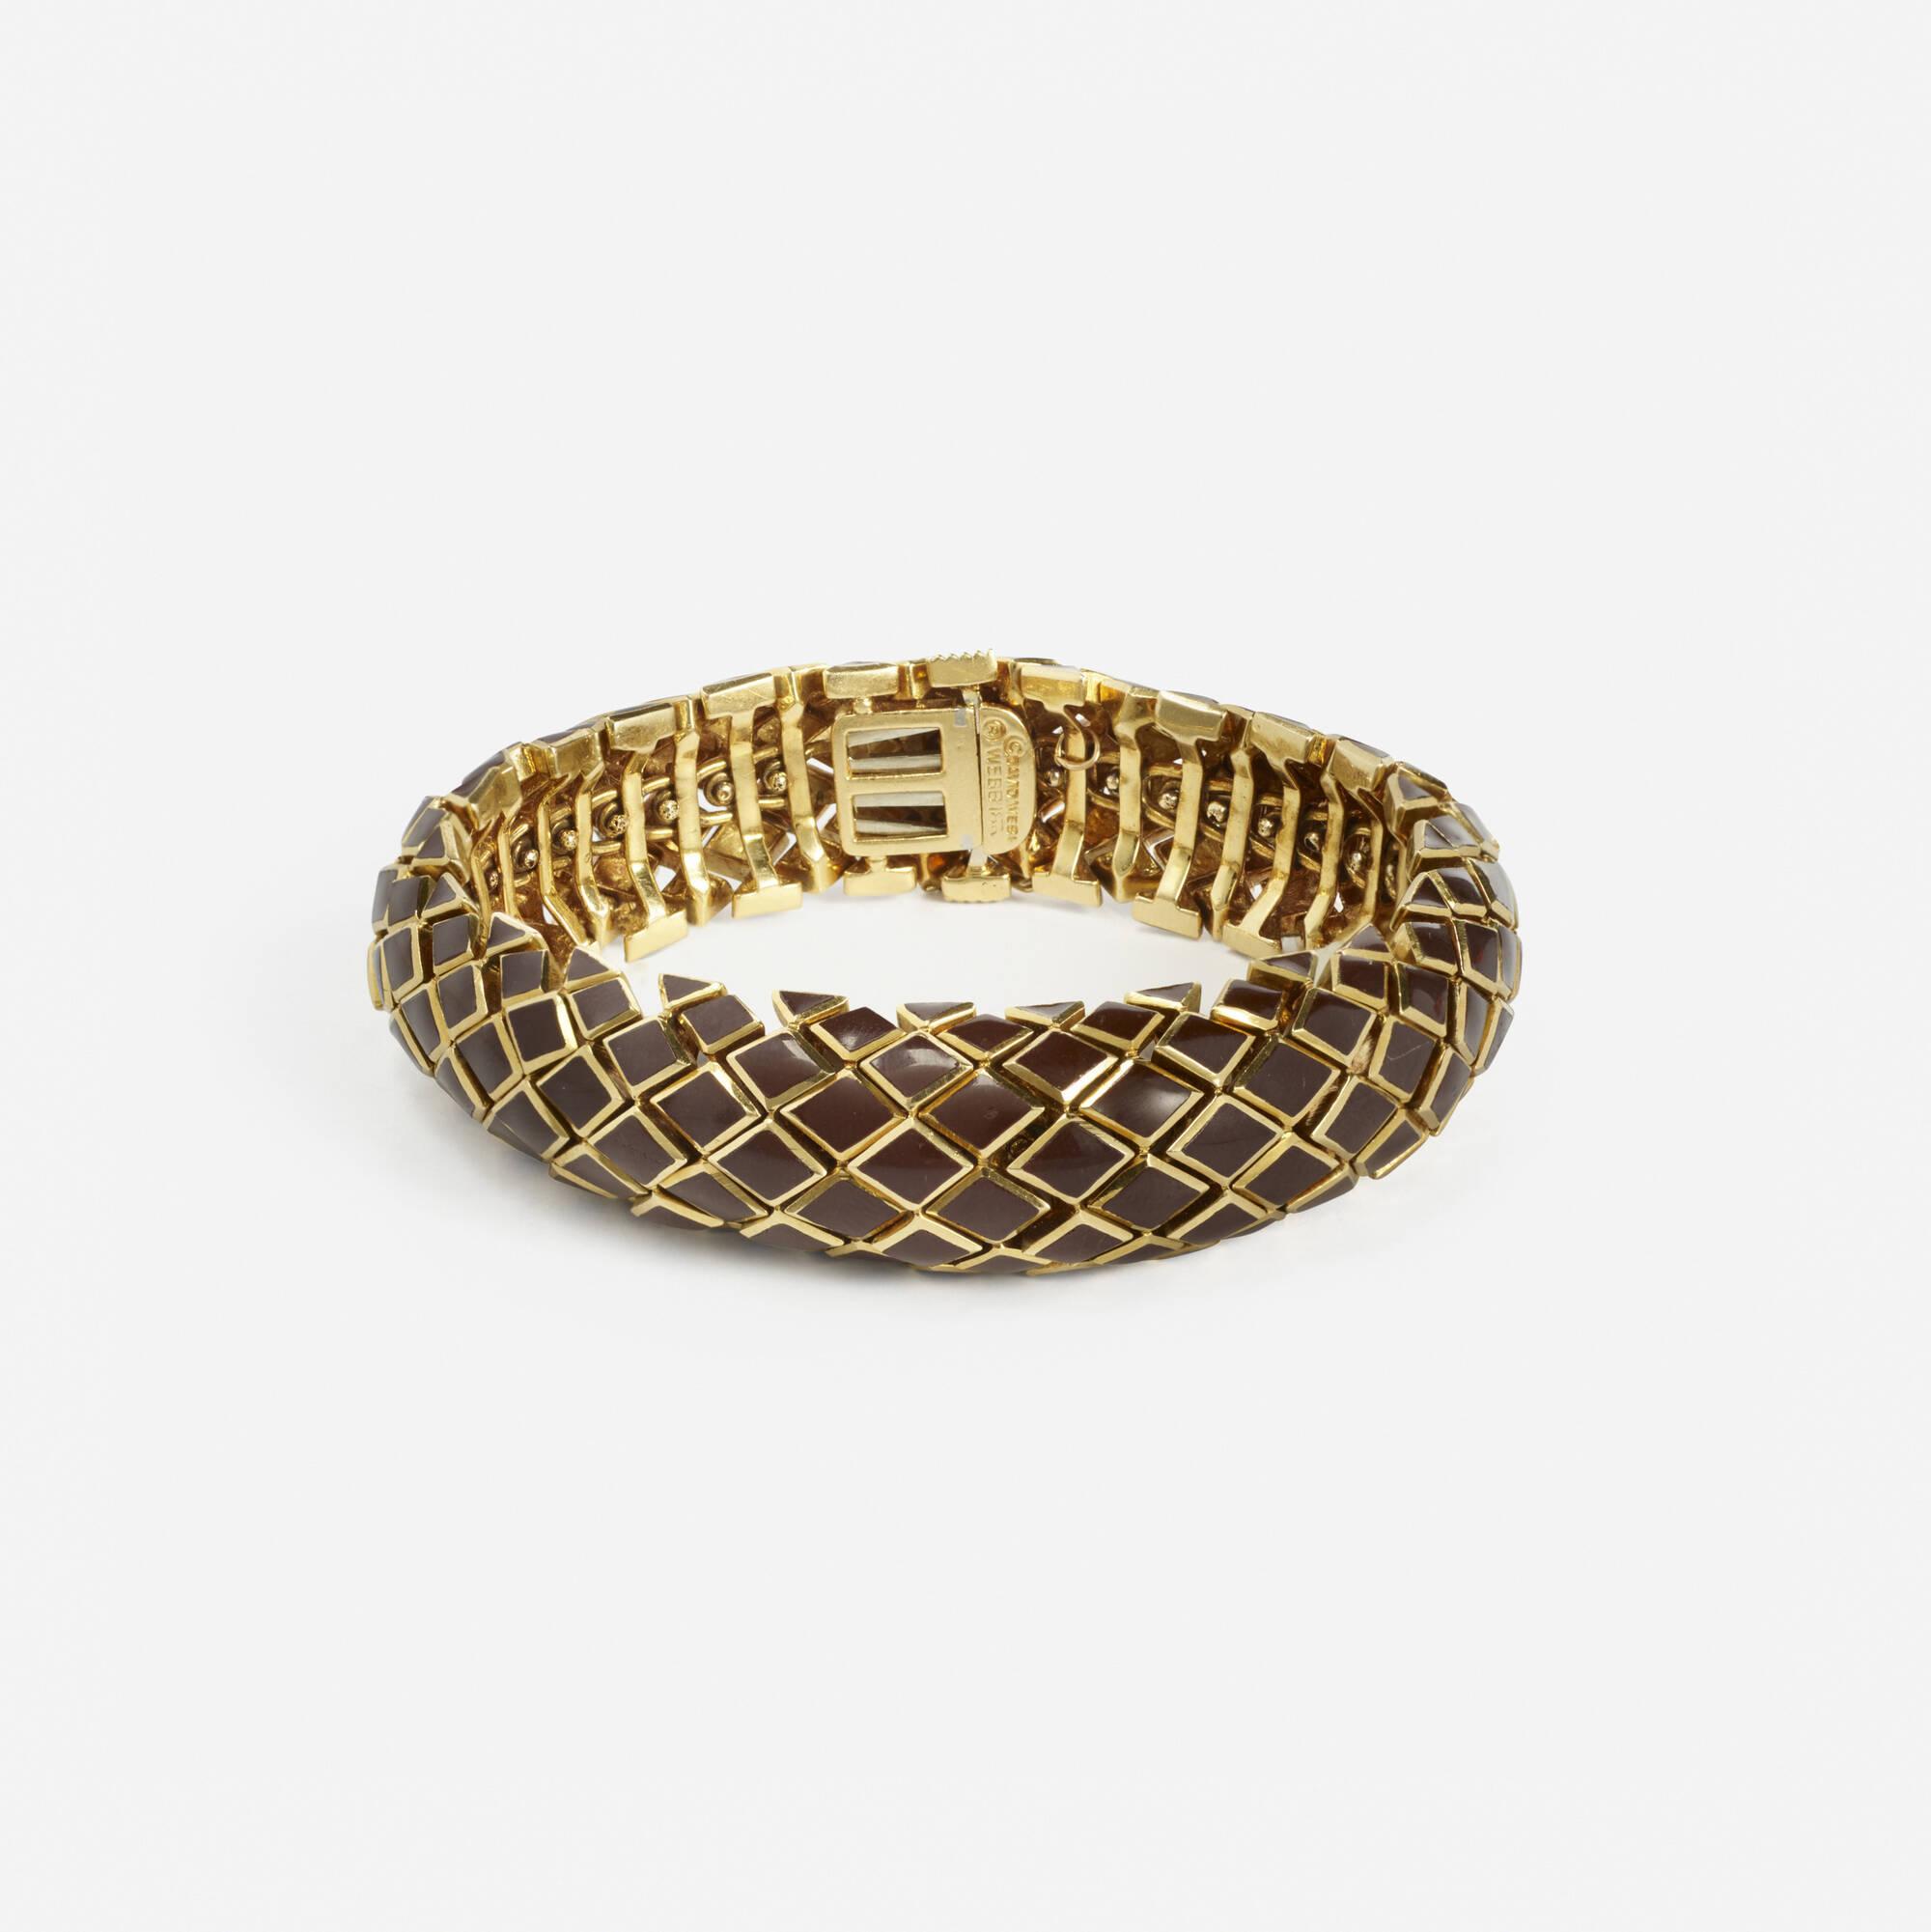 218: David Webb / A gold and enamel Snake bracelet (1 of 1)